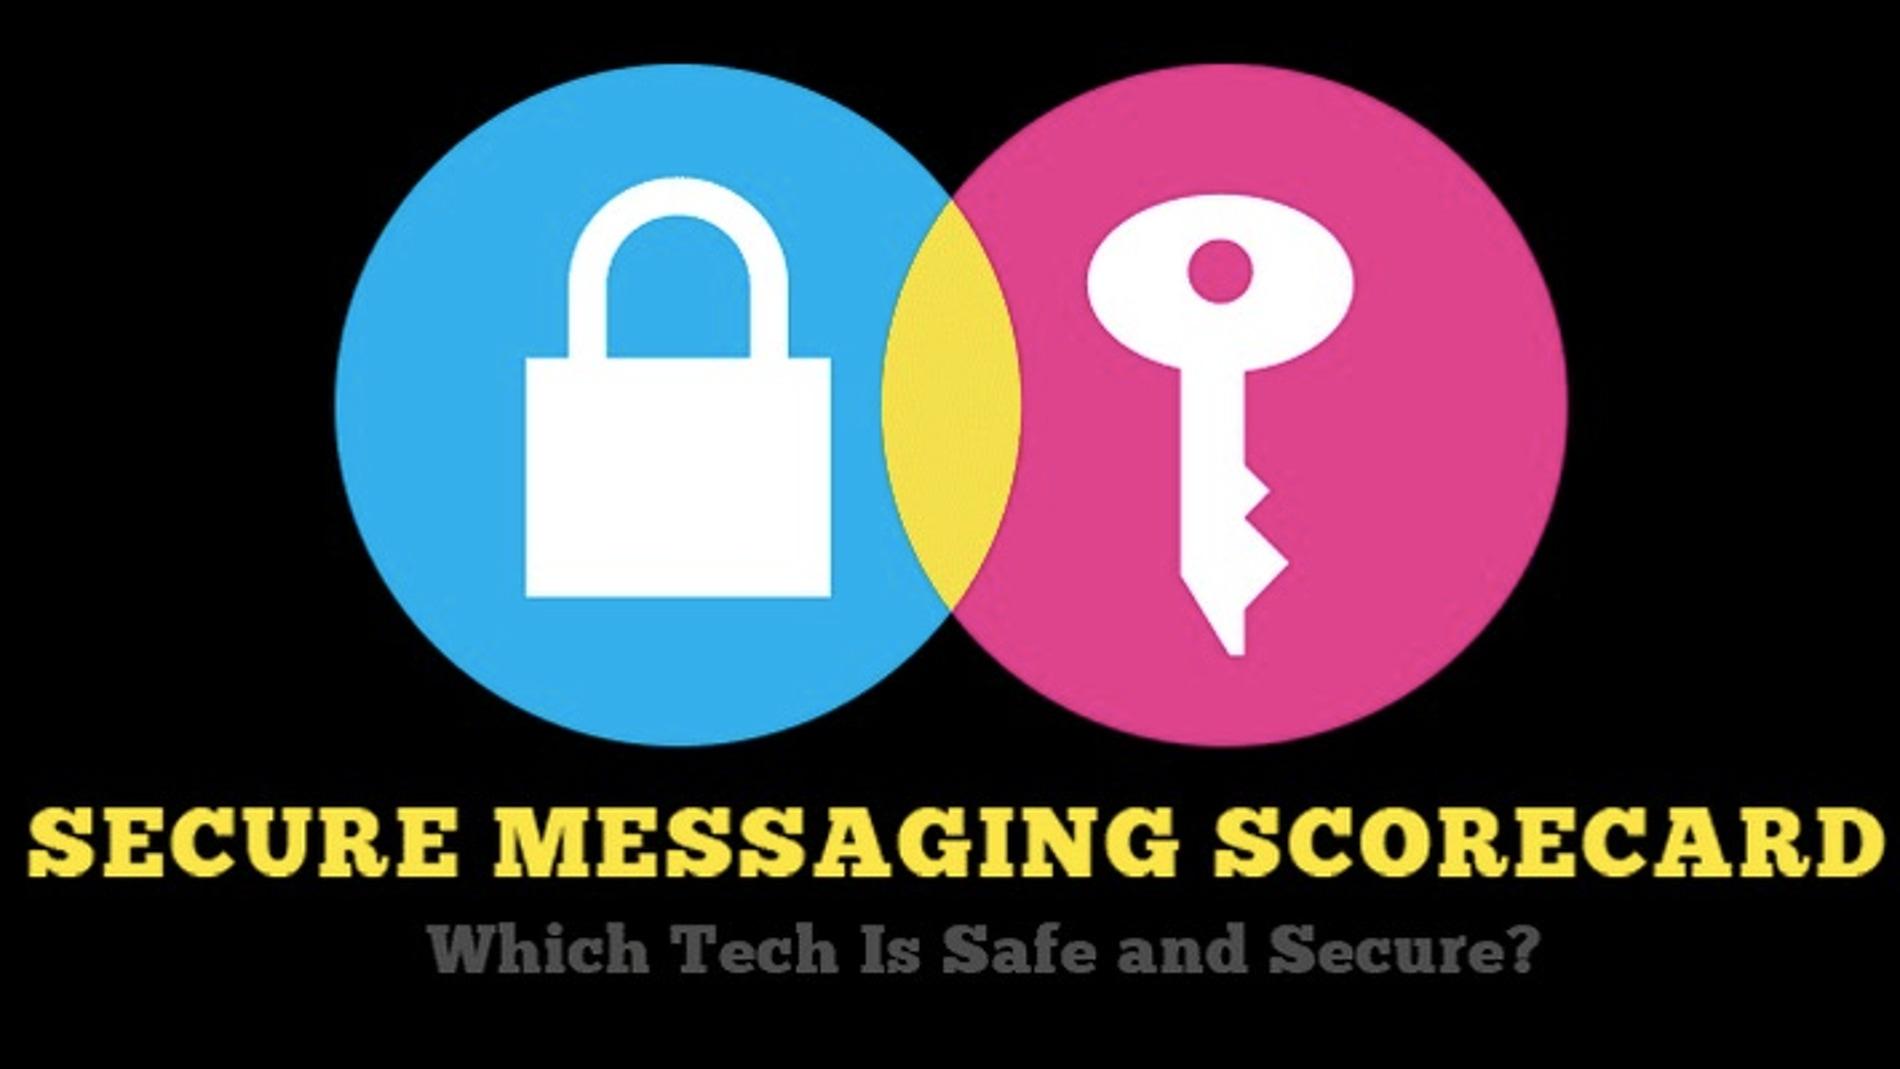 ¿Conoces el nivel de seguridad de tus apps de mensajería?